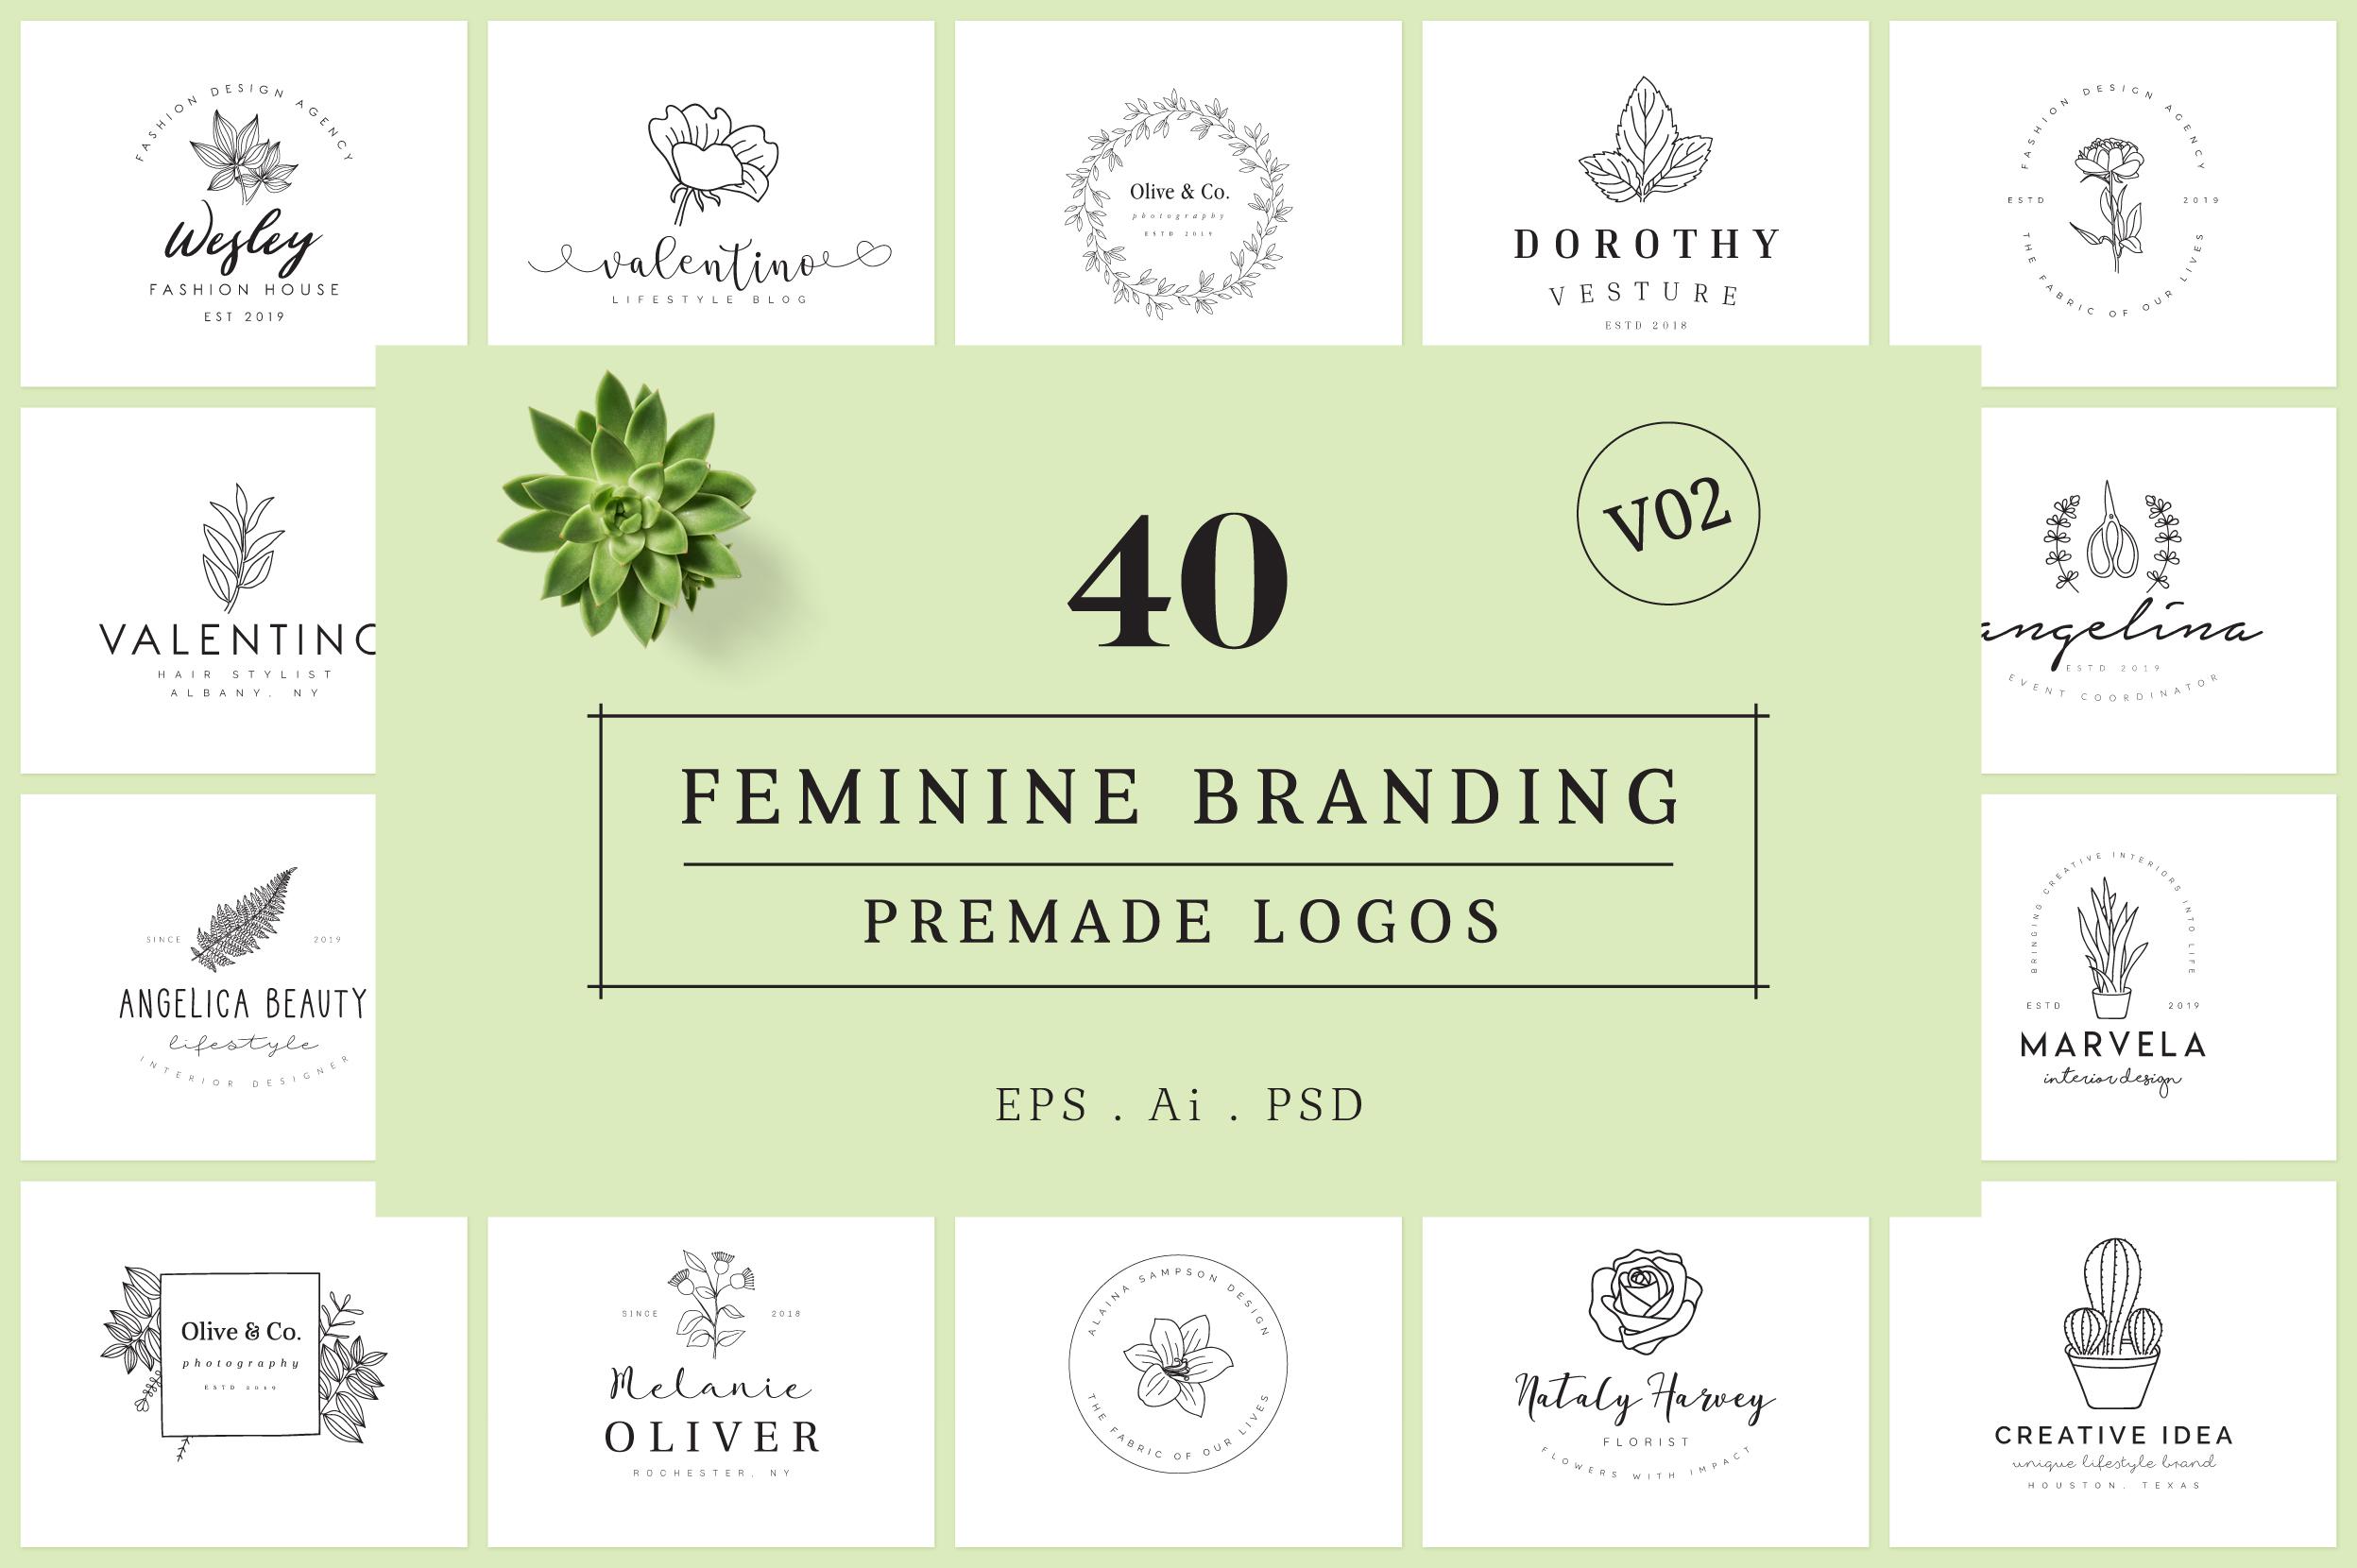 Feminine Branding Premade Logos V02 example image 1